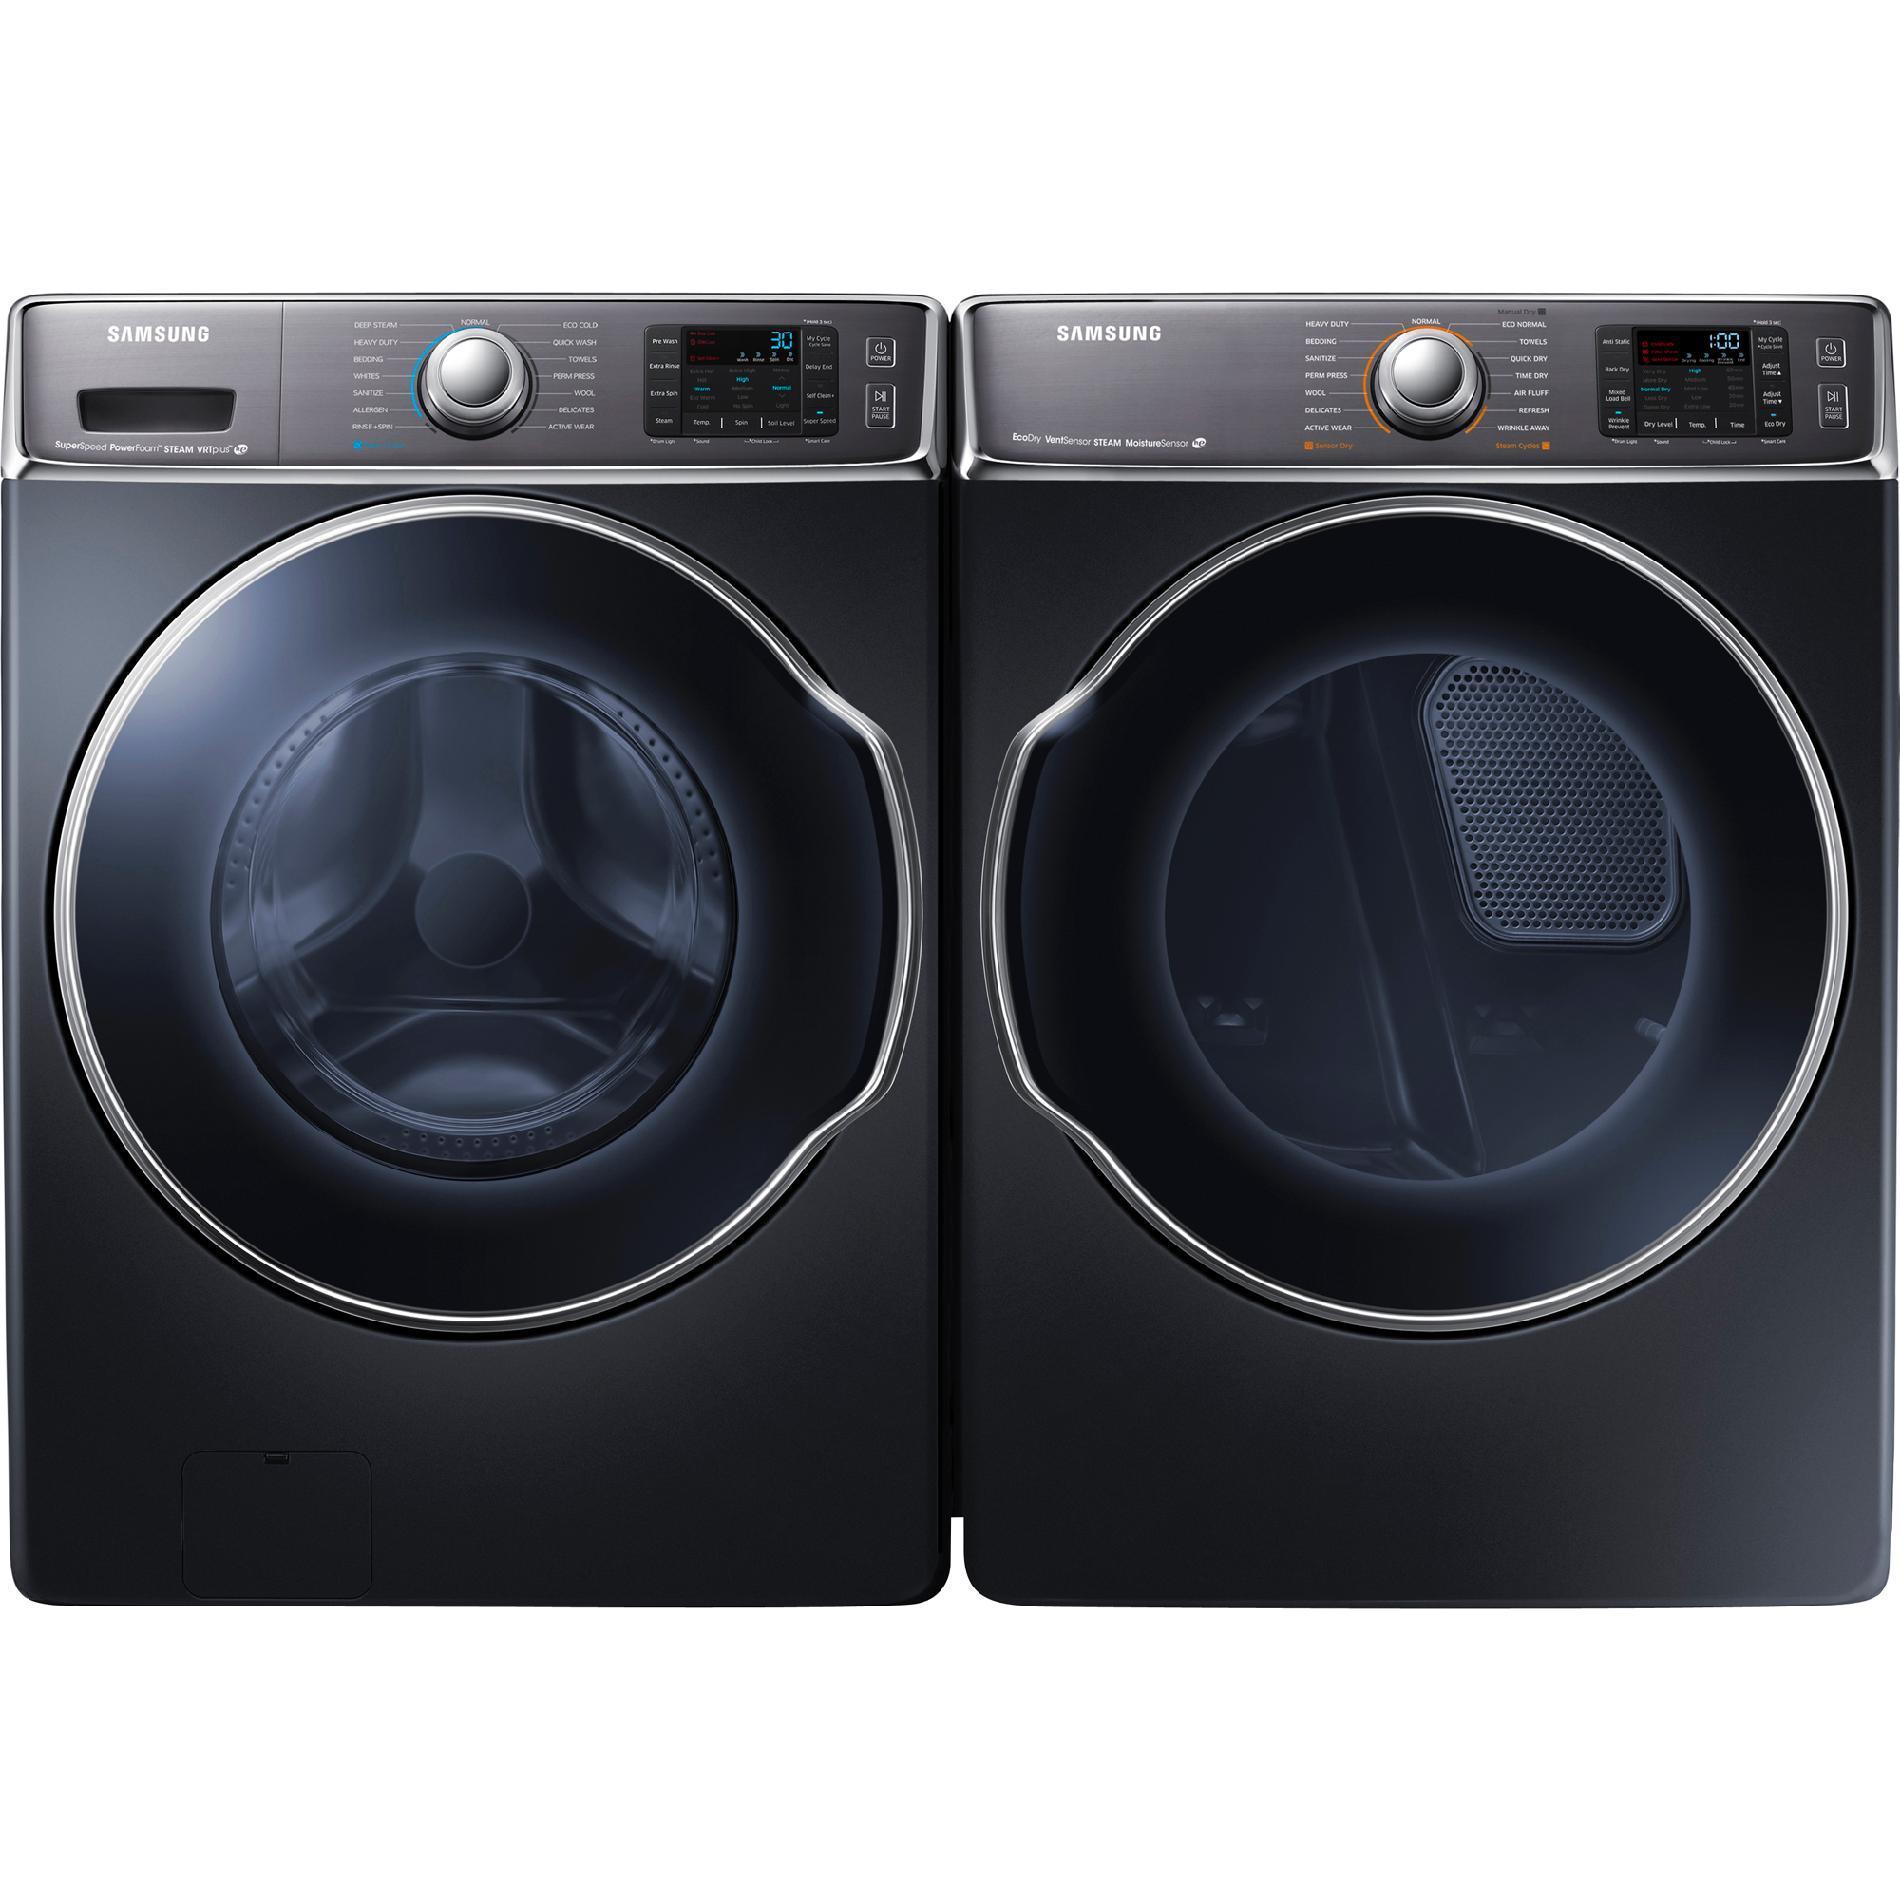 5.6 cu. ft. Front-Load Washer & 9.5 cu. ft. Front-Load Dryer Bundle